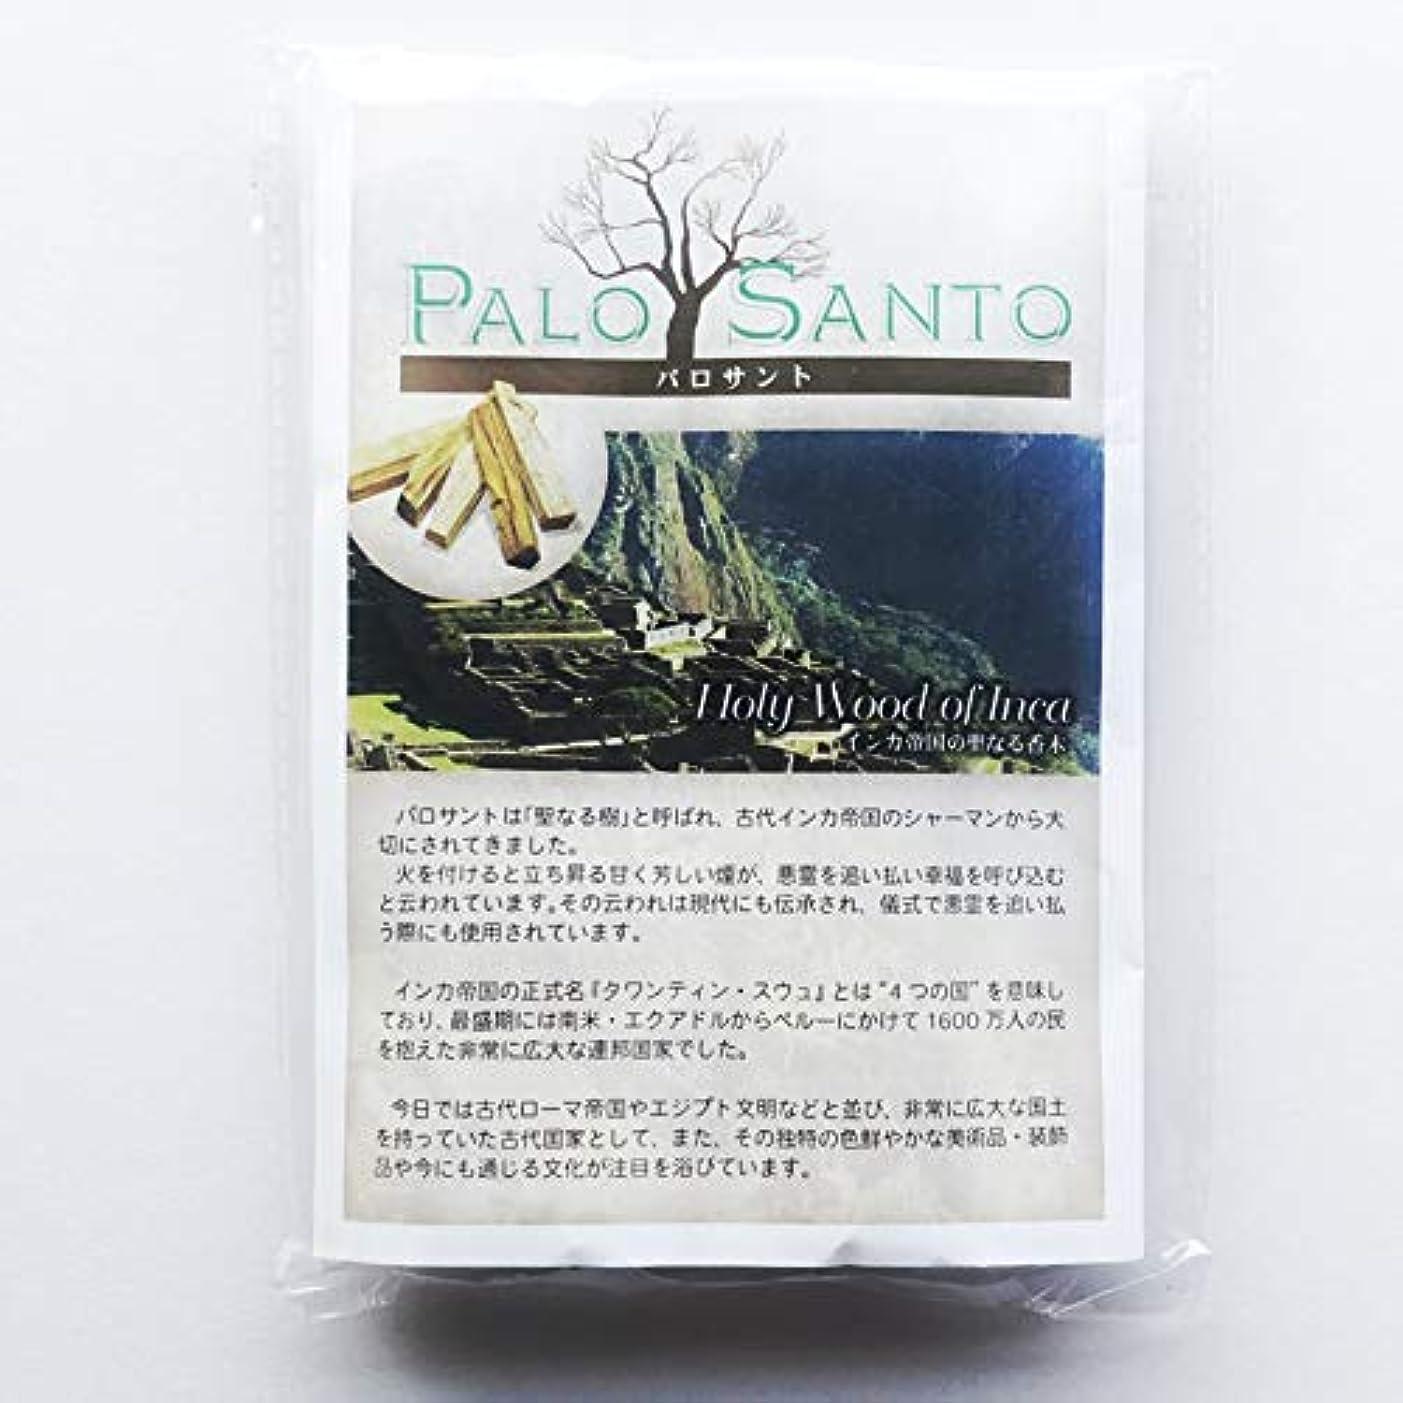 リムワゴン純粋なさわやかな香りをはなつ聖なる木 5本 パロサント ホーリーウッド